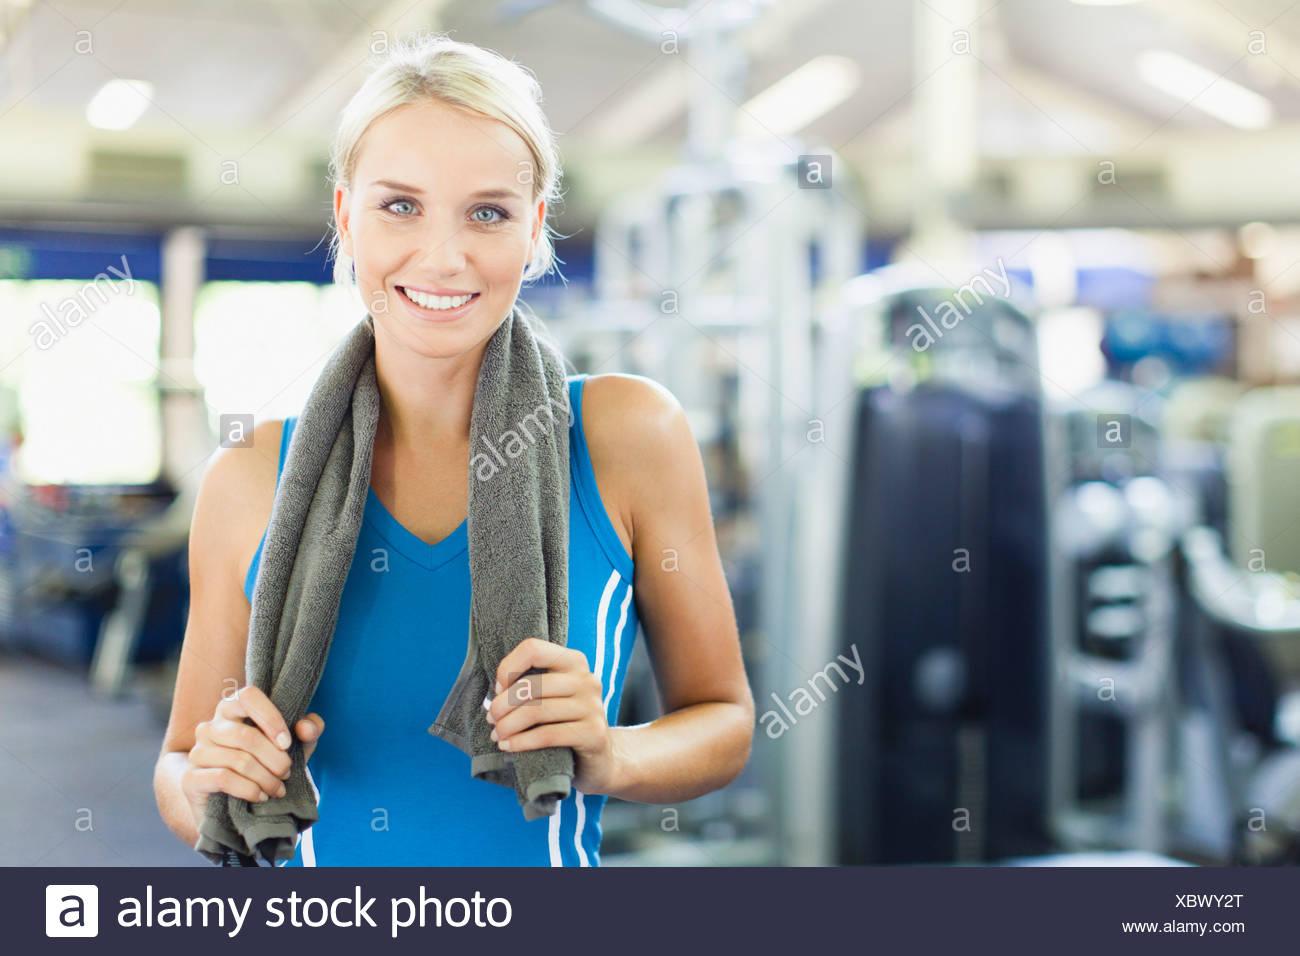 Femme tenant une serviette autour du cou en salle de sport Photo Stock